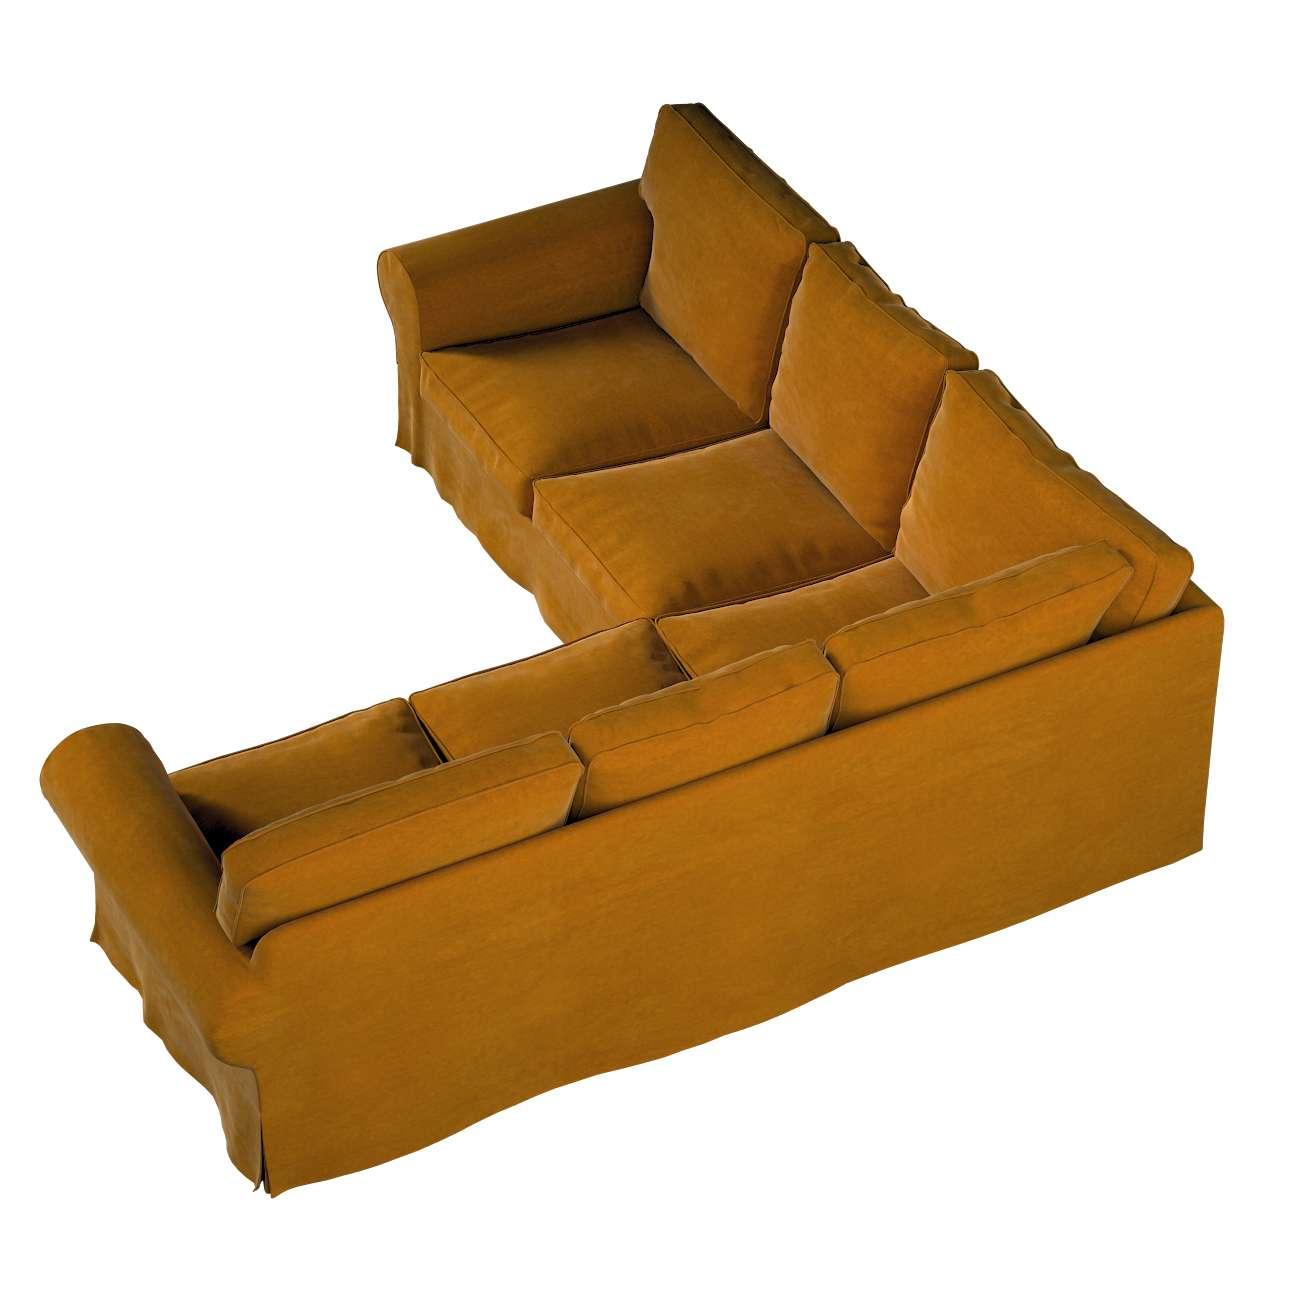 Pokrowiec na sofę narożną Ektorp w kolekcji Velvet, tkanina: 704-23